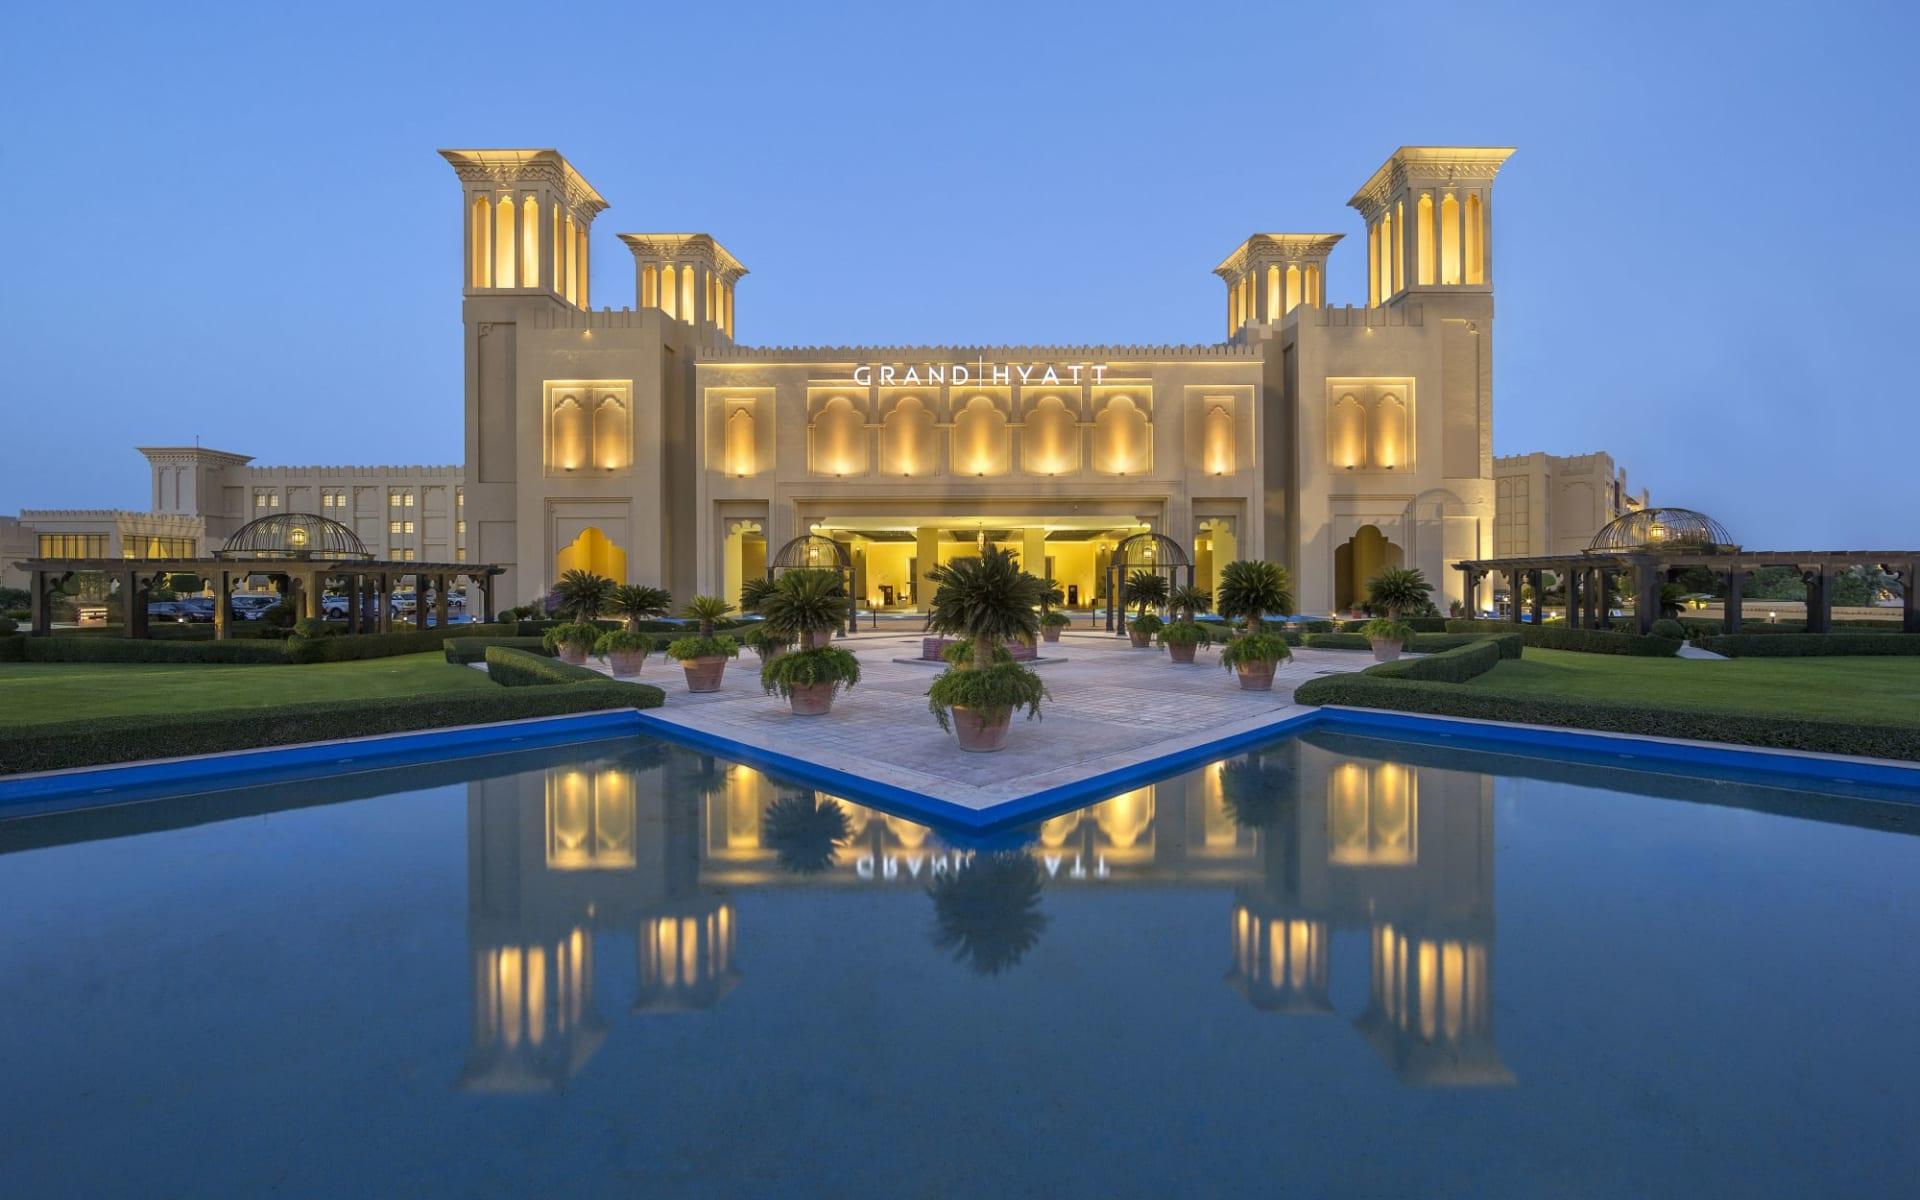 Grand Hyatt in Doha: